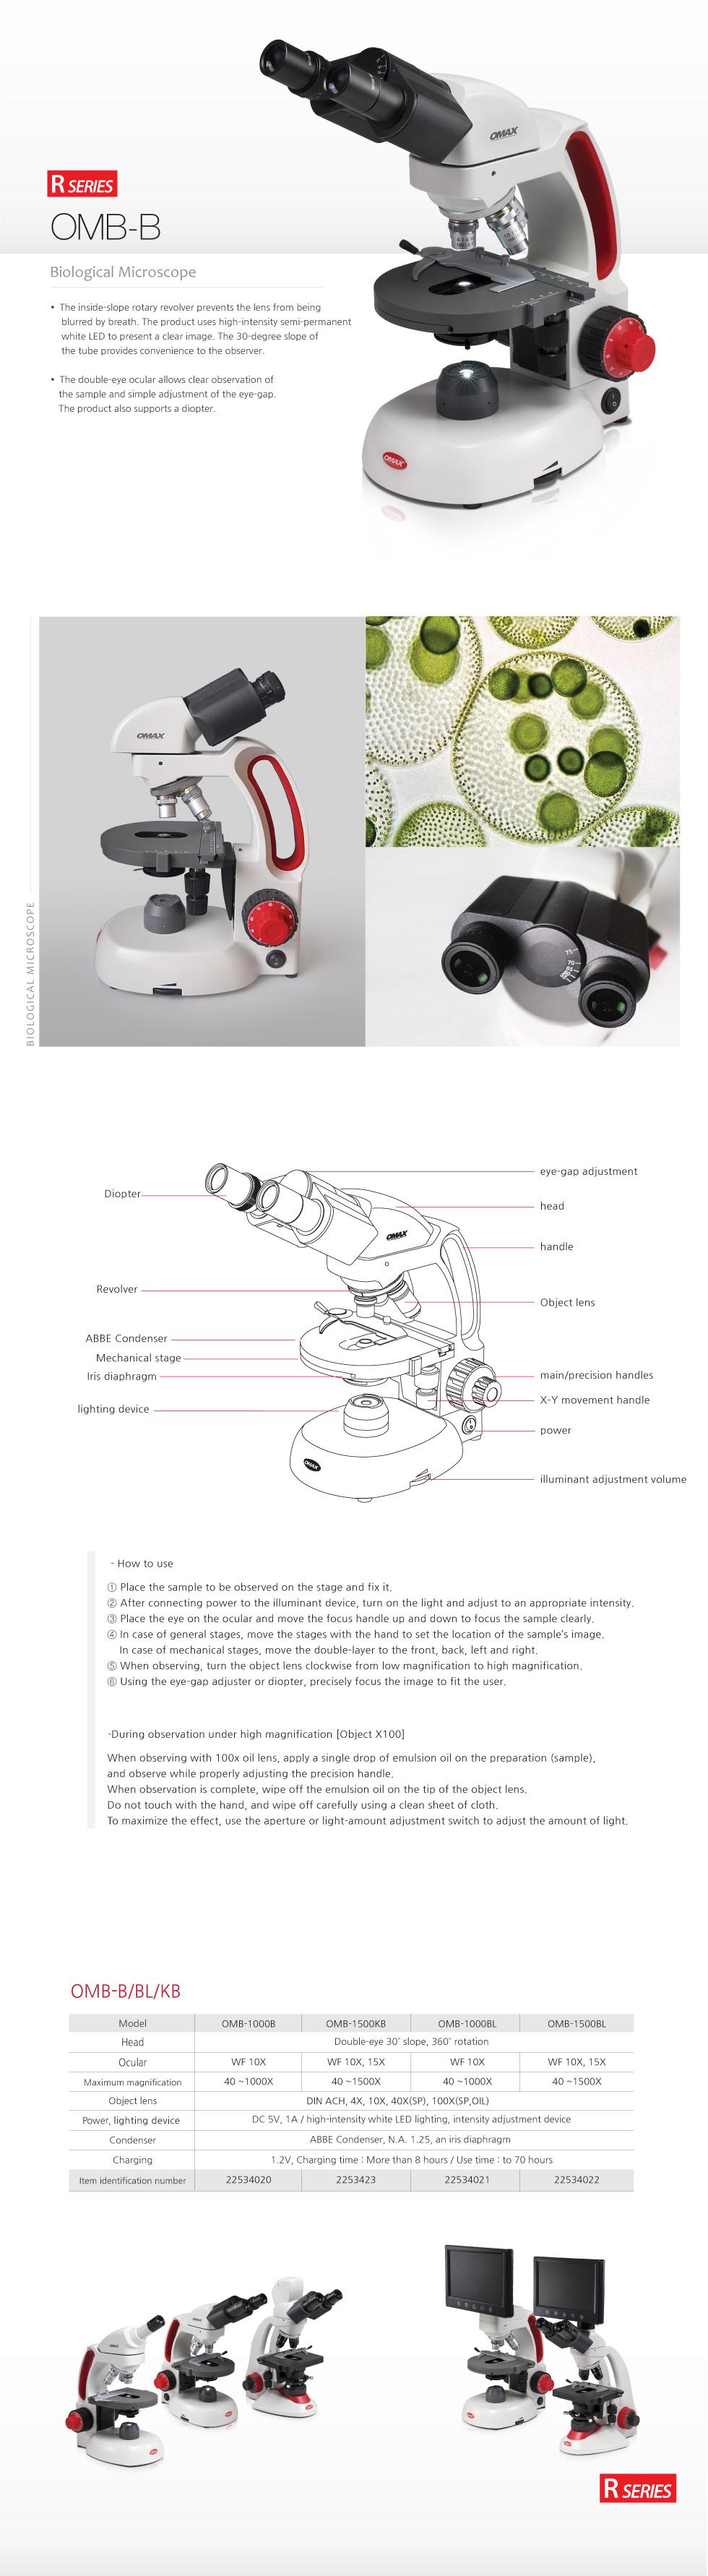 OMAX Biological Microscope  14